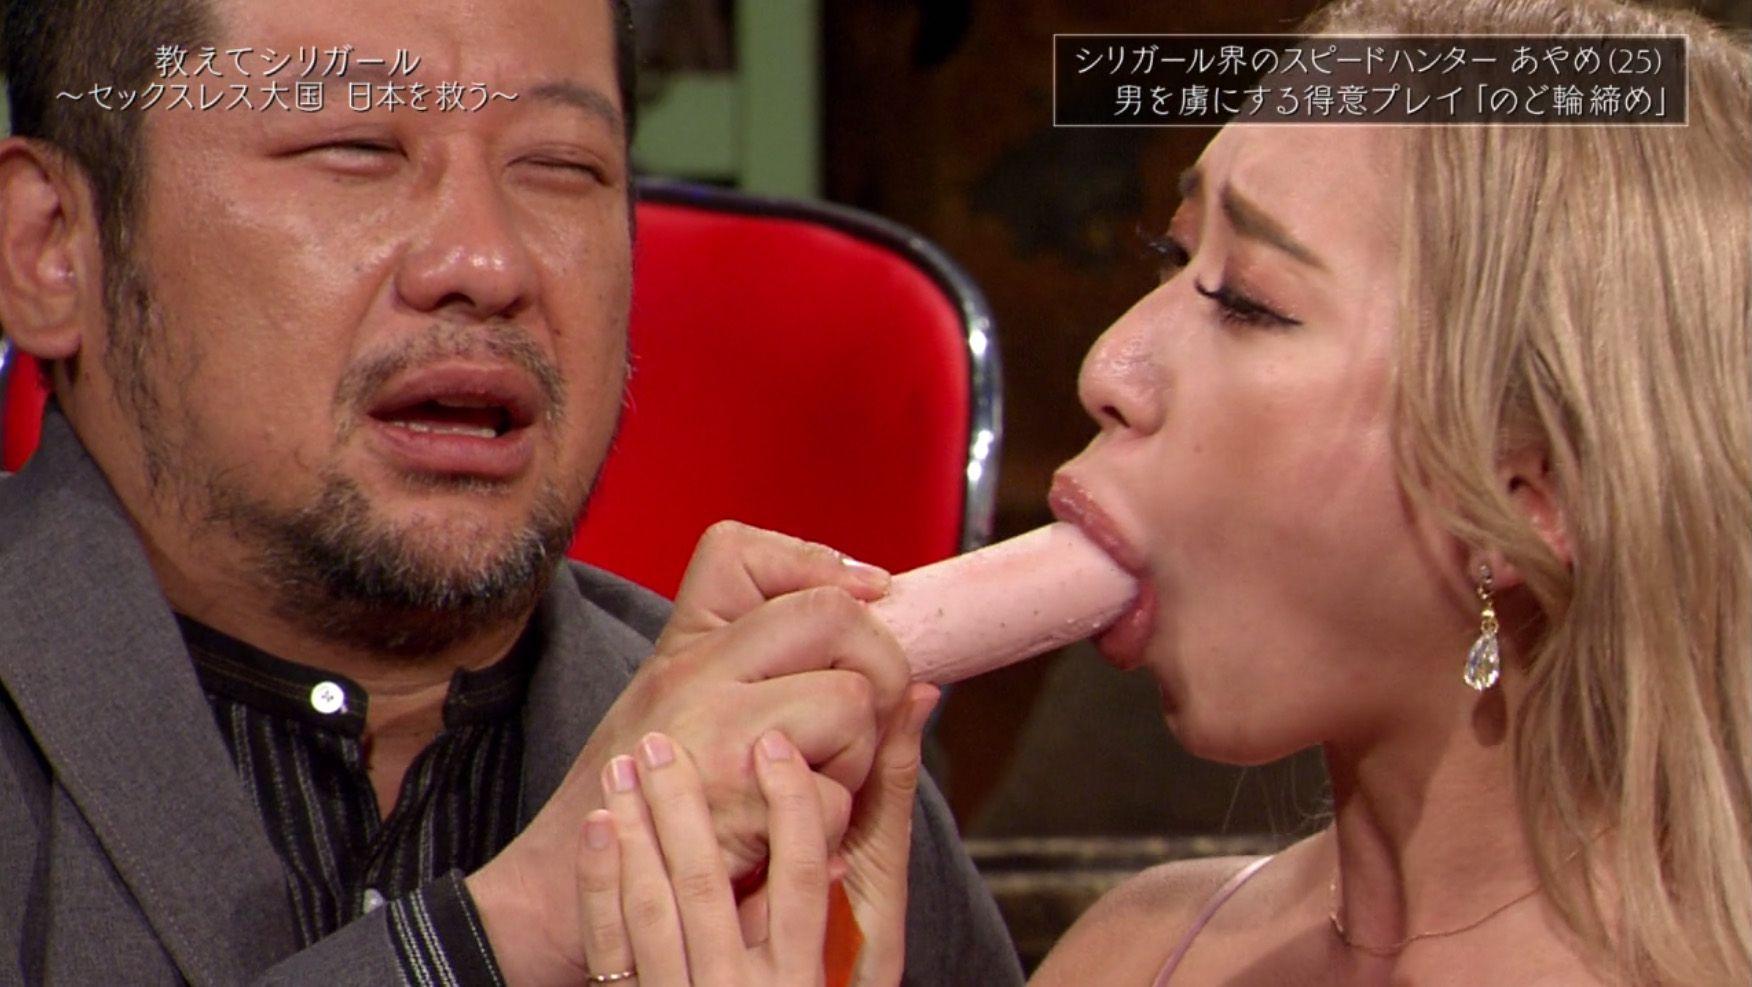 立花亜野芽の喉奥イラマチオ (7)